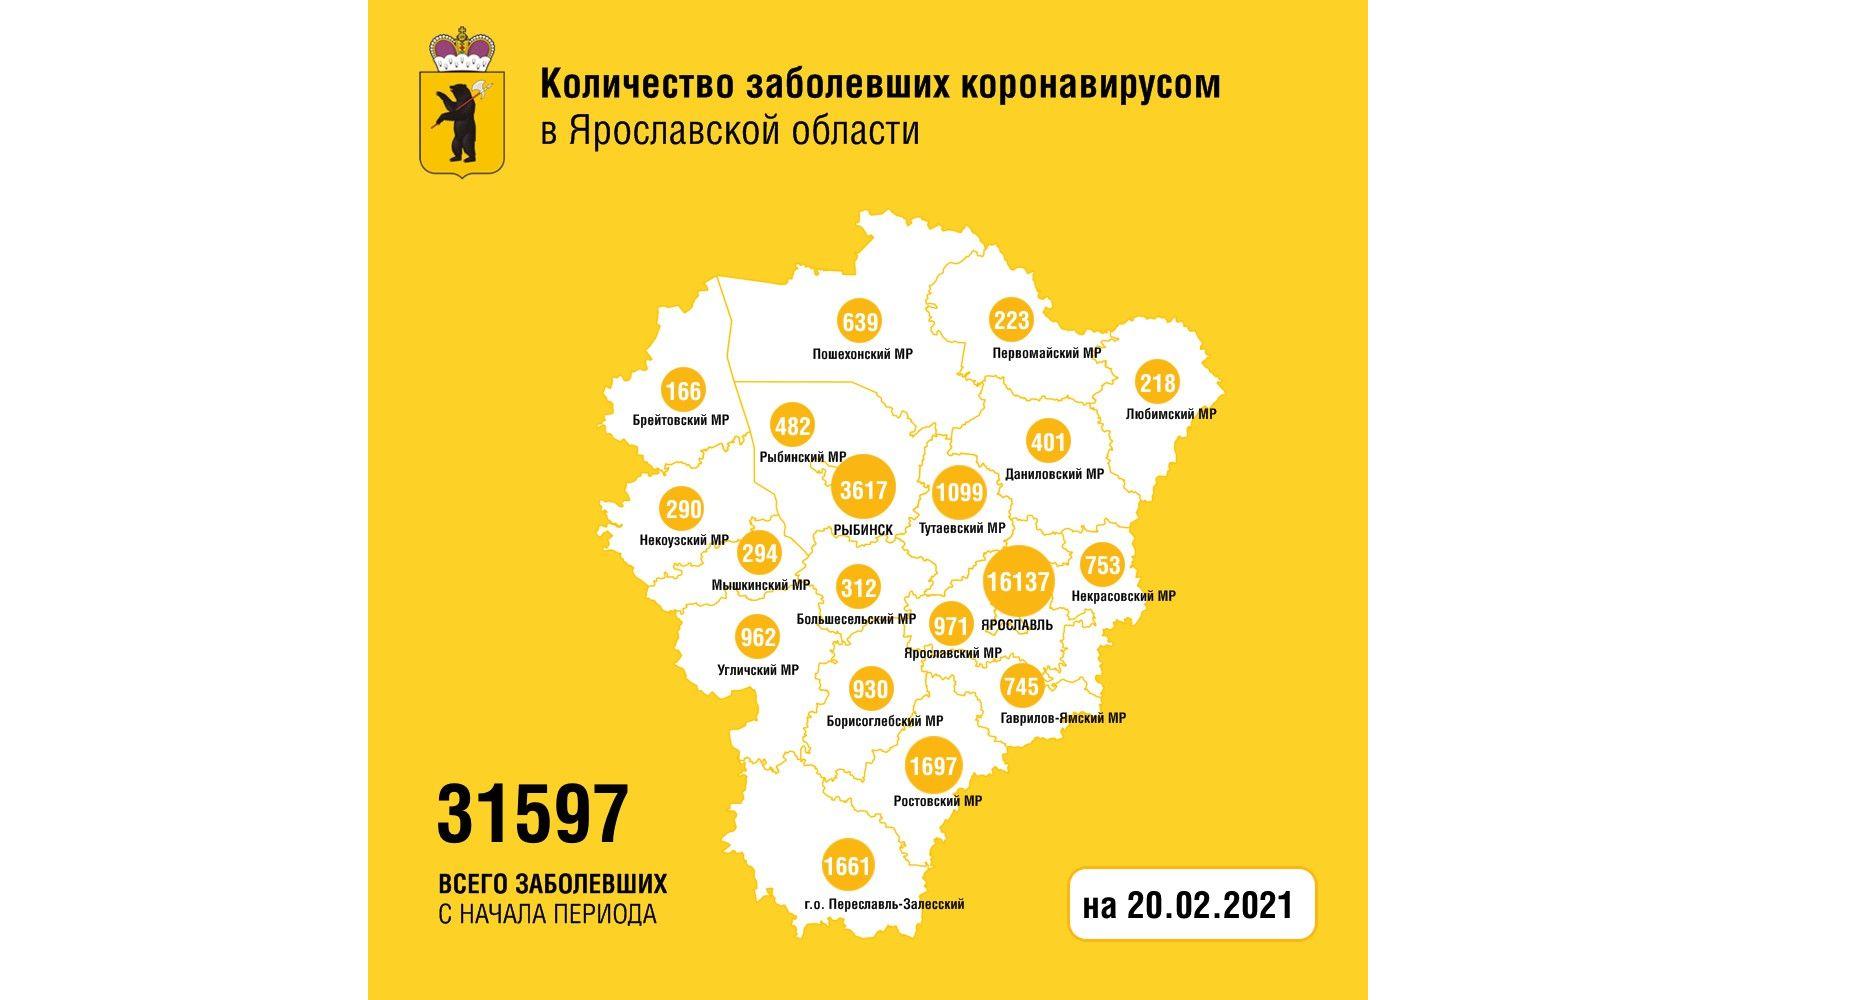 В Ярославской области заболели коронавирусом еще 162 человека, пятеро скончались